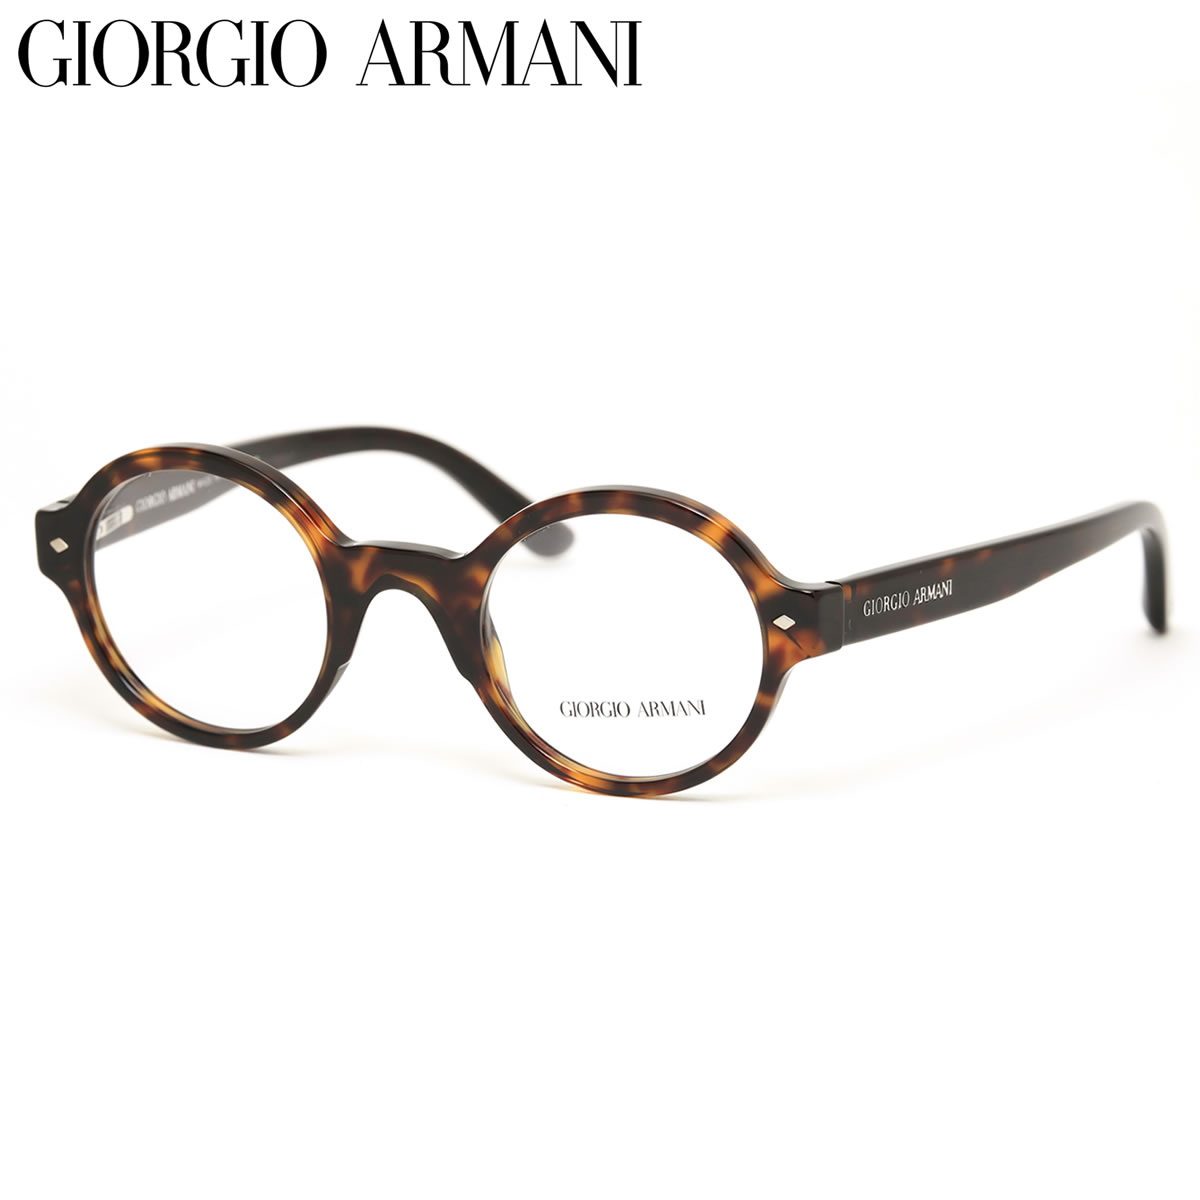 【訳あり】【ランクA】【未使用品】 ジョルジオアルマーニ GIORGIO ARMANI メガネAR7068 5026 46サイズジョルジオ・アルマーニ メンズ レディース